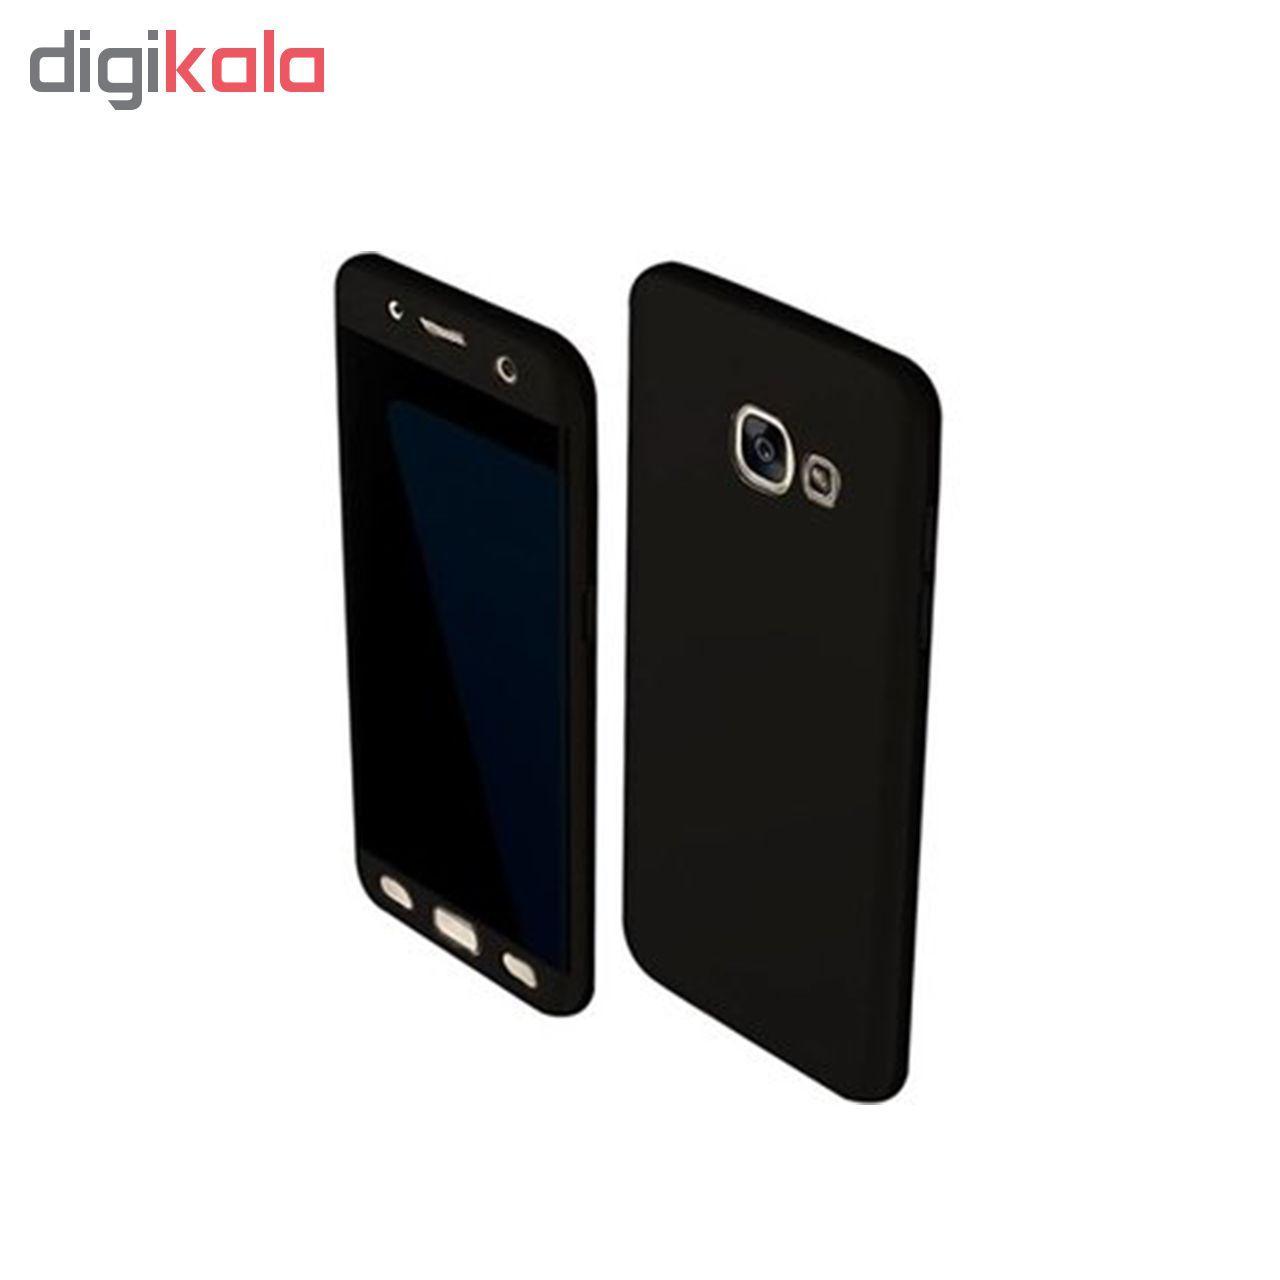 کاور مدل 030G مناسب برای گوشی سامسونگ Galaxy J7 2015/J7 CORE main 1 3